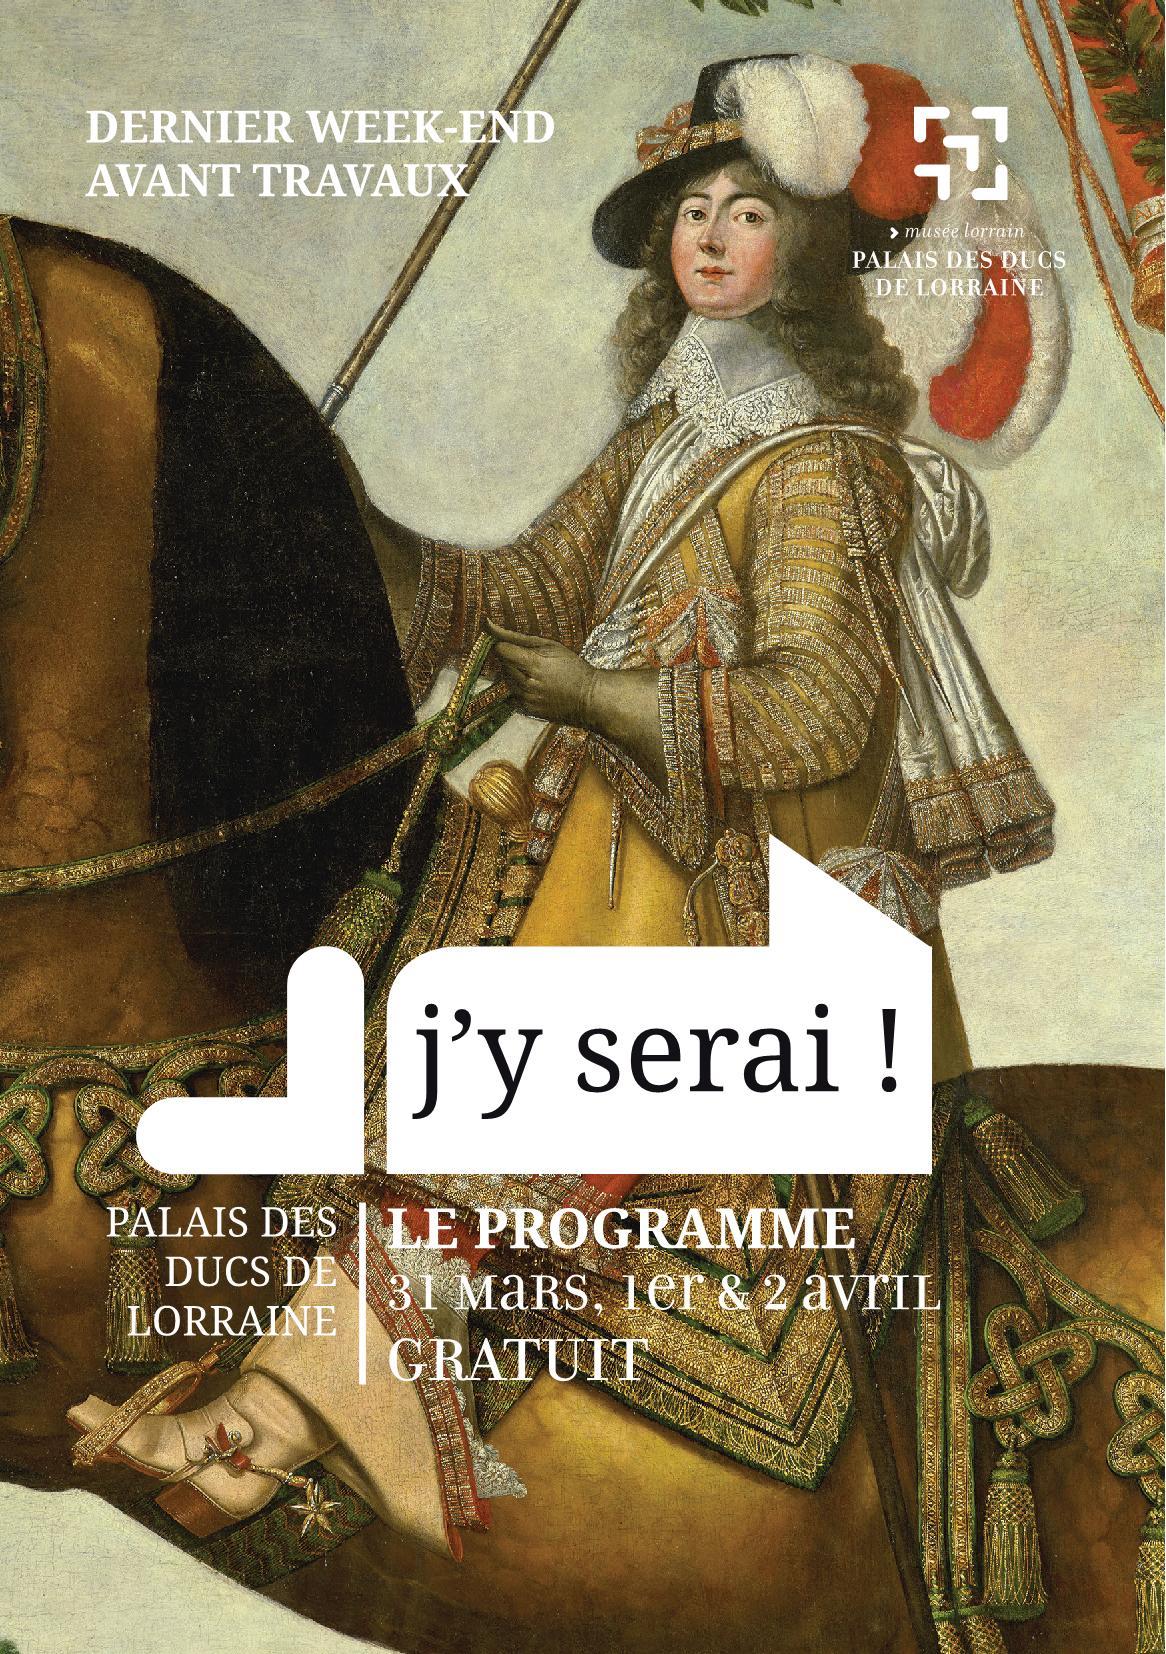 Programme J'y Serai Dernier Week End Avant Travaux